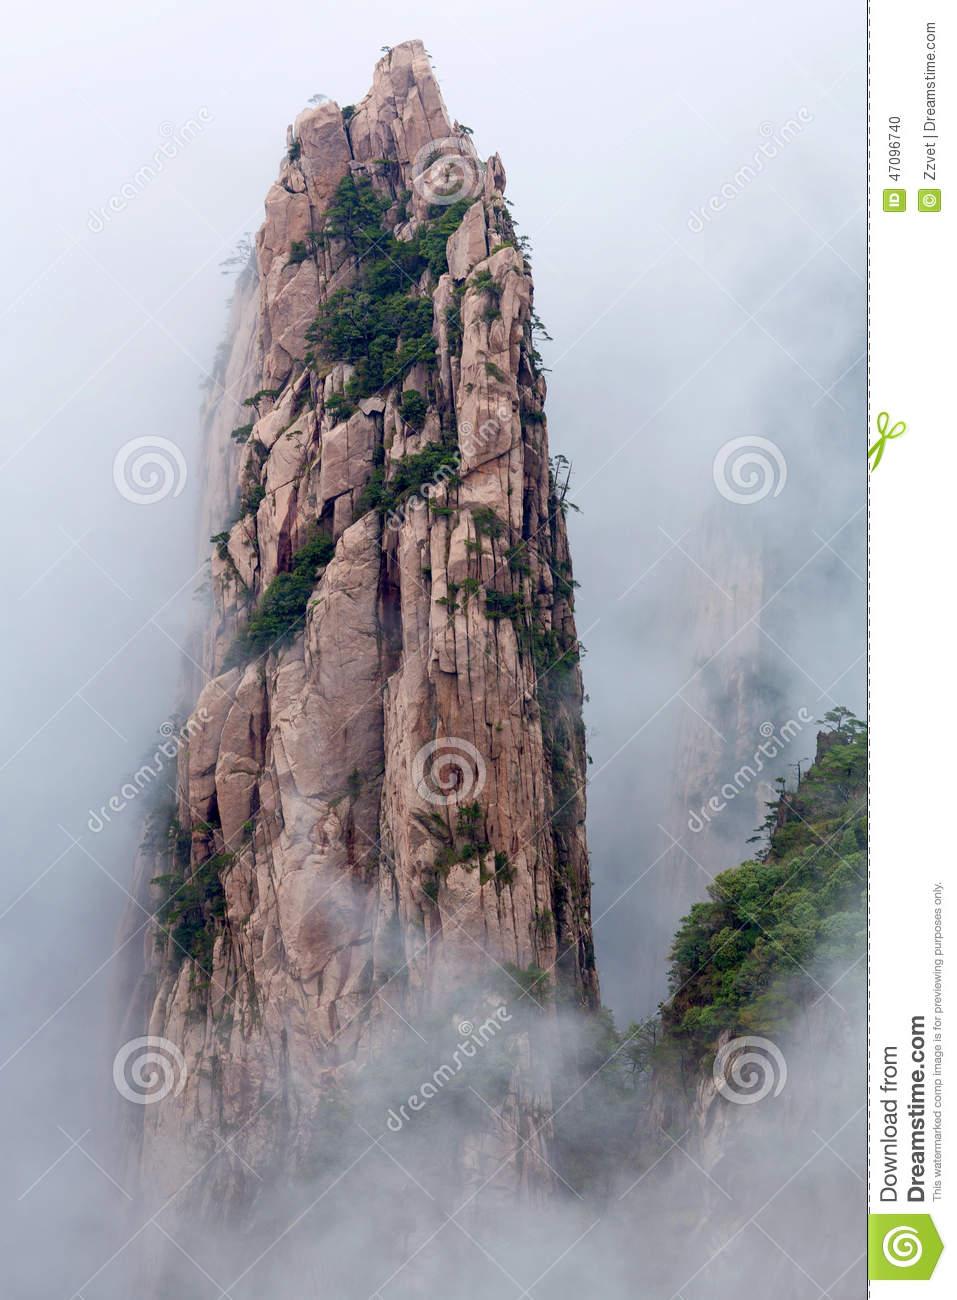 Huangshan Mountain (Yellow Mountain), Anhui, China. Stock Photo.